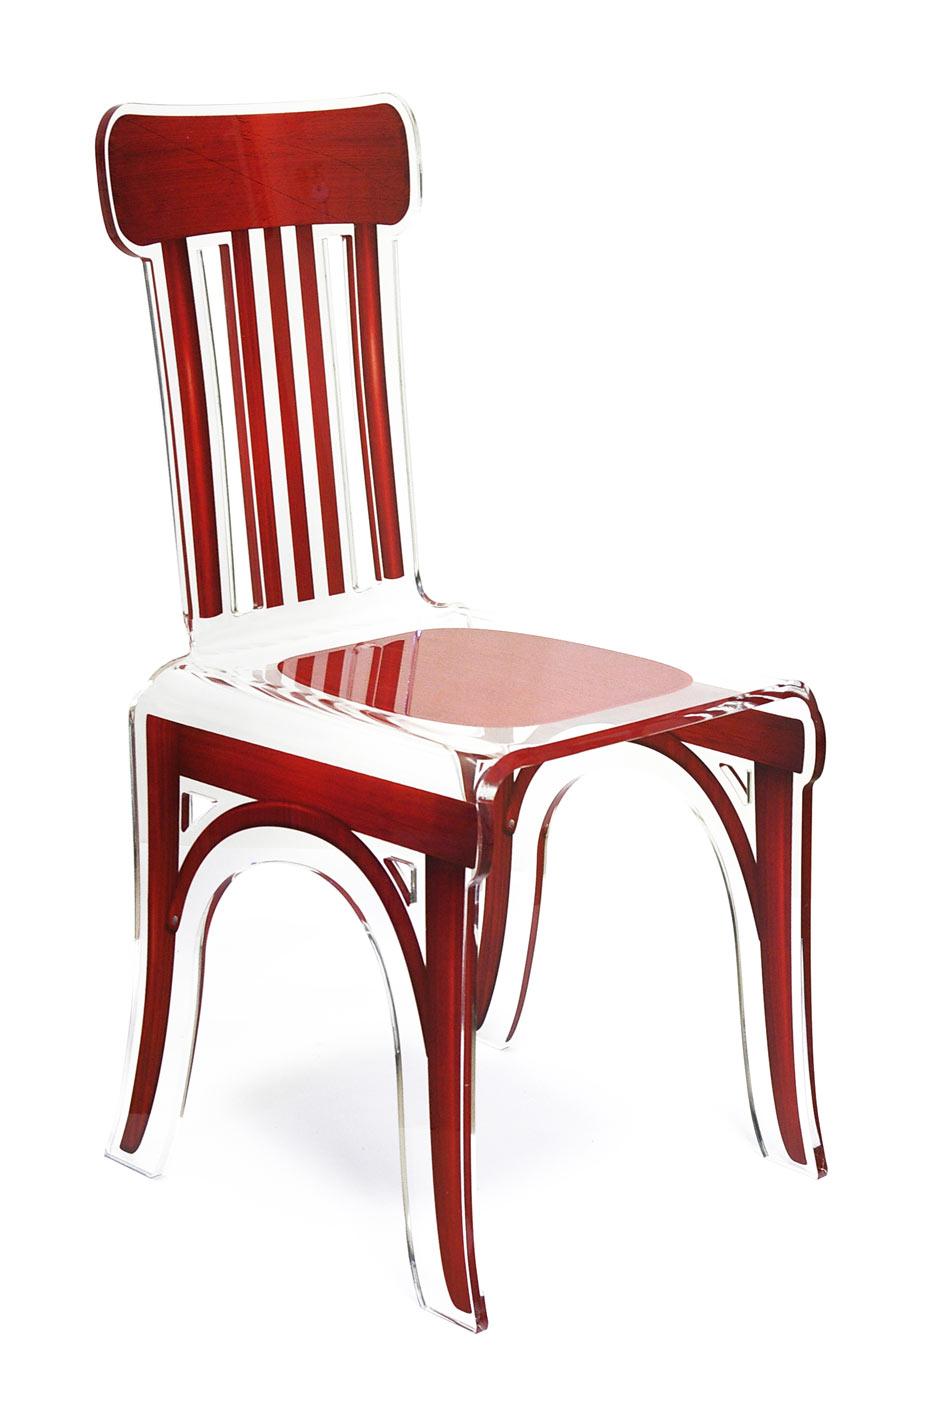 Chaise plexiglass transparent bistrot motif bois rouge for Chaise plexi bois